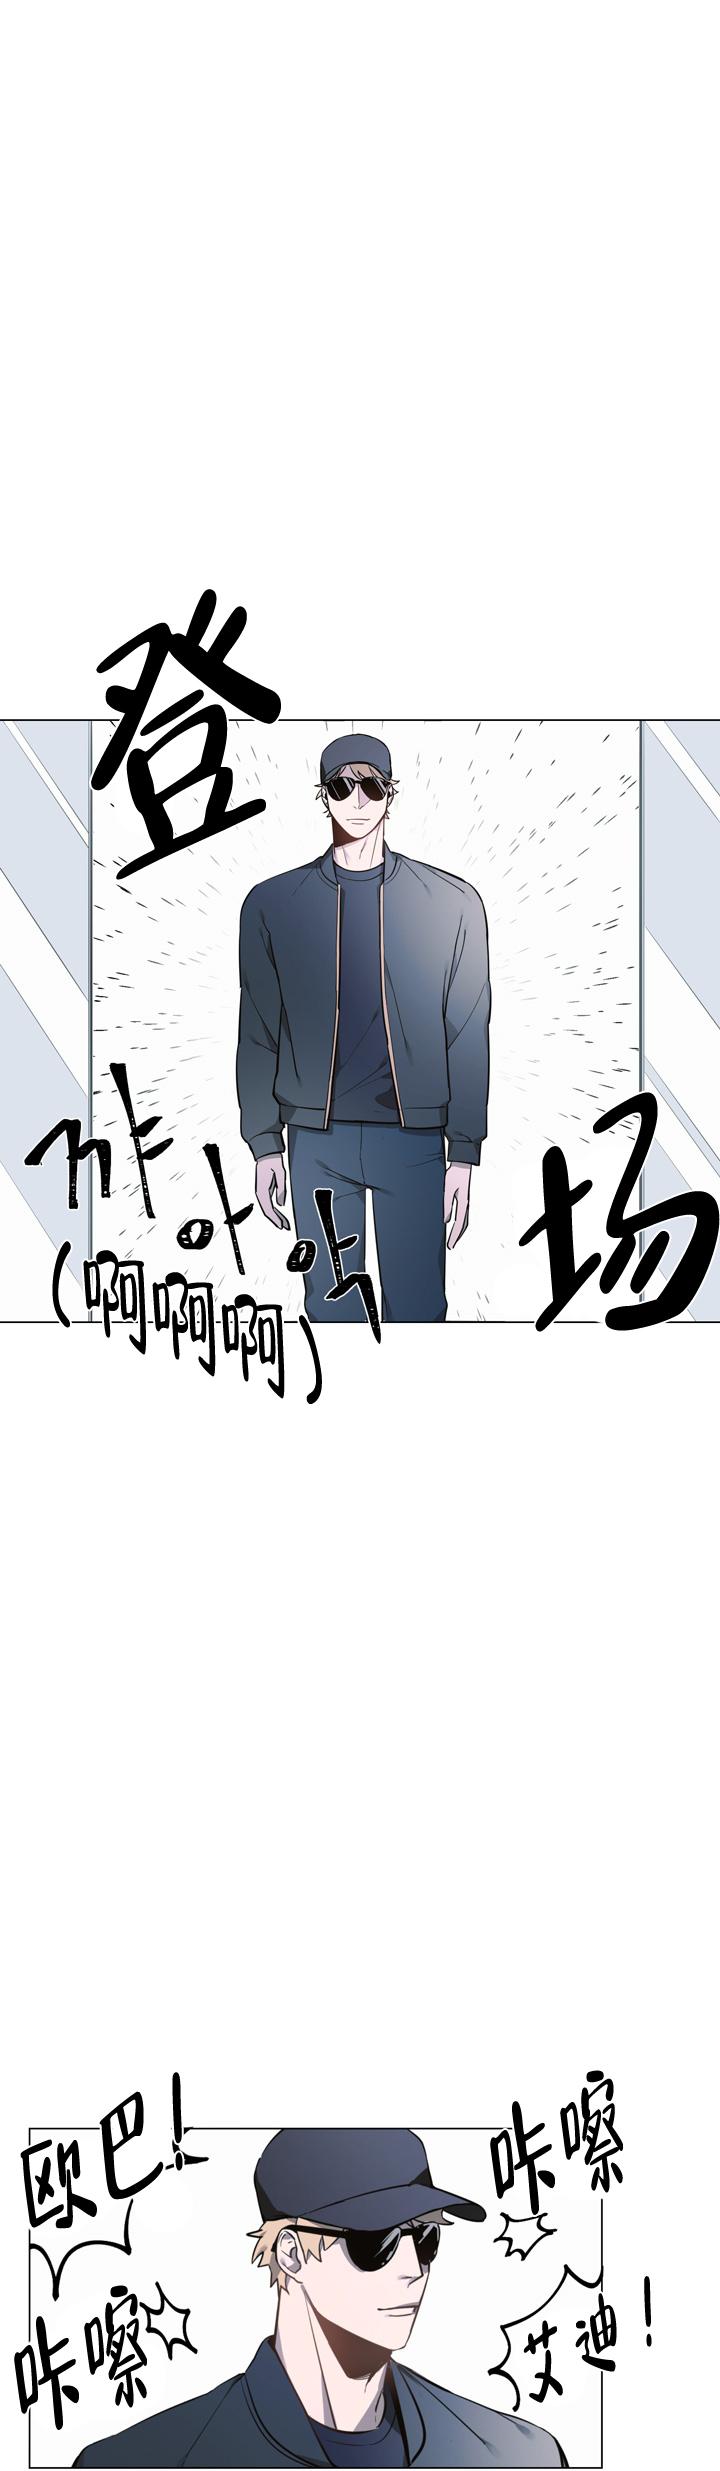 韩漫 |《甜蜜暴击》成为大明星的甜心保镖!  第16张